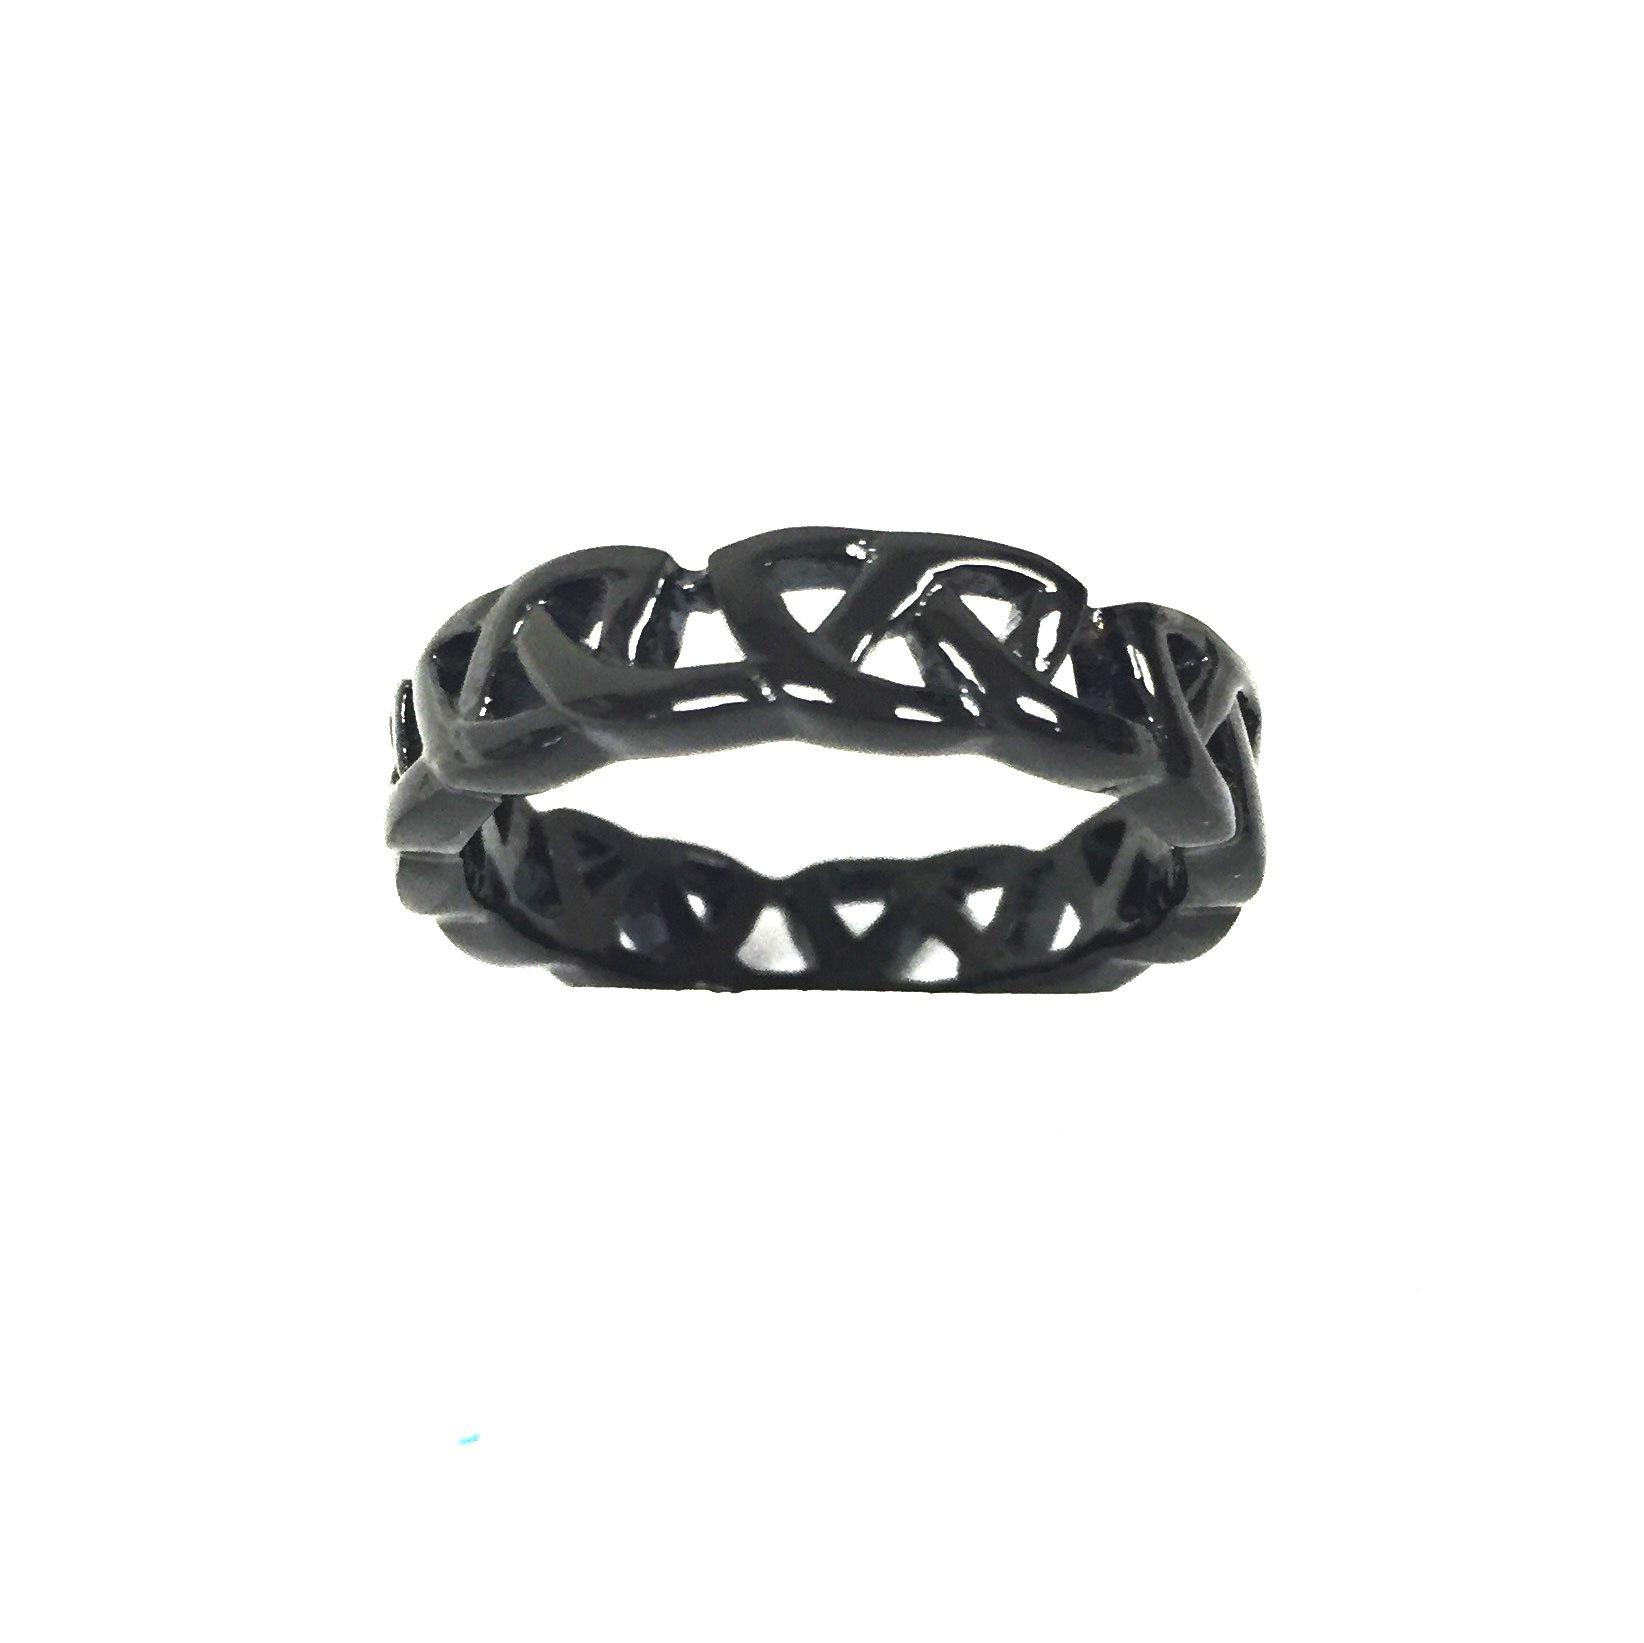 Fashion Rings by Toni bijoux